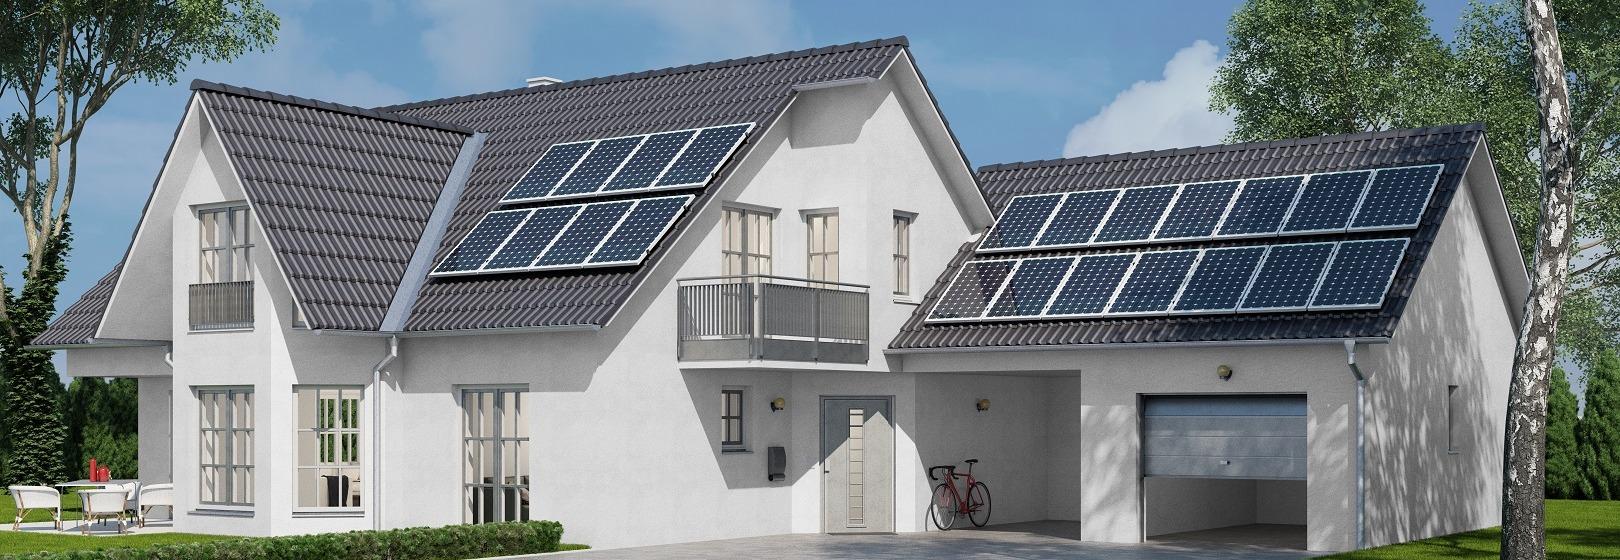 dom jednorodzinny z instalacją fotowoltaiczną na dachu